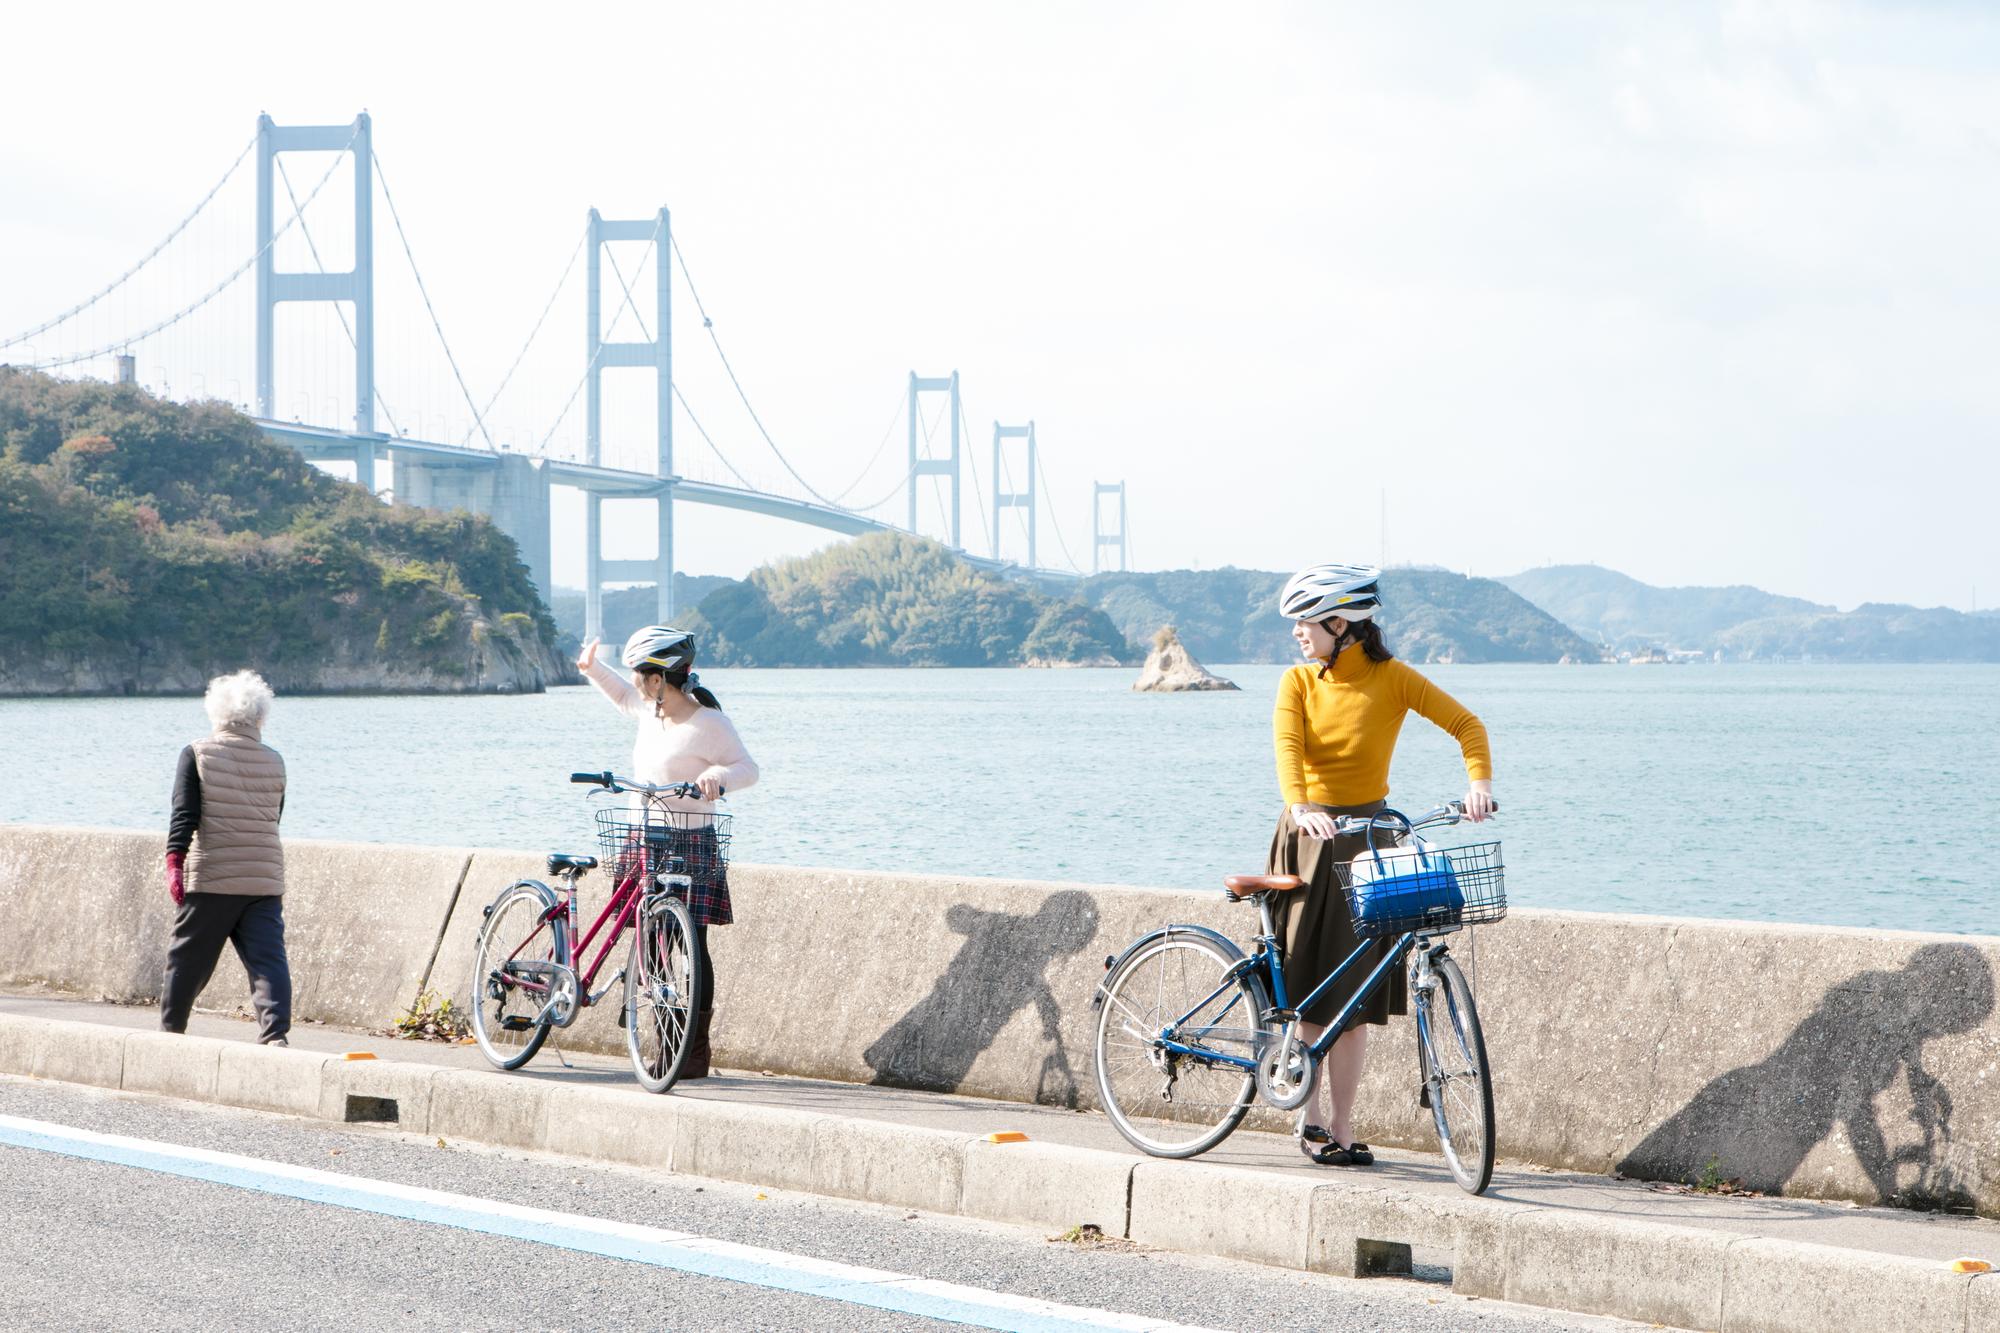 自転車が地方を元気にする!地方創生の可能性を秘めたサイクルツーリズムとは?